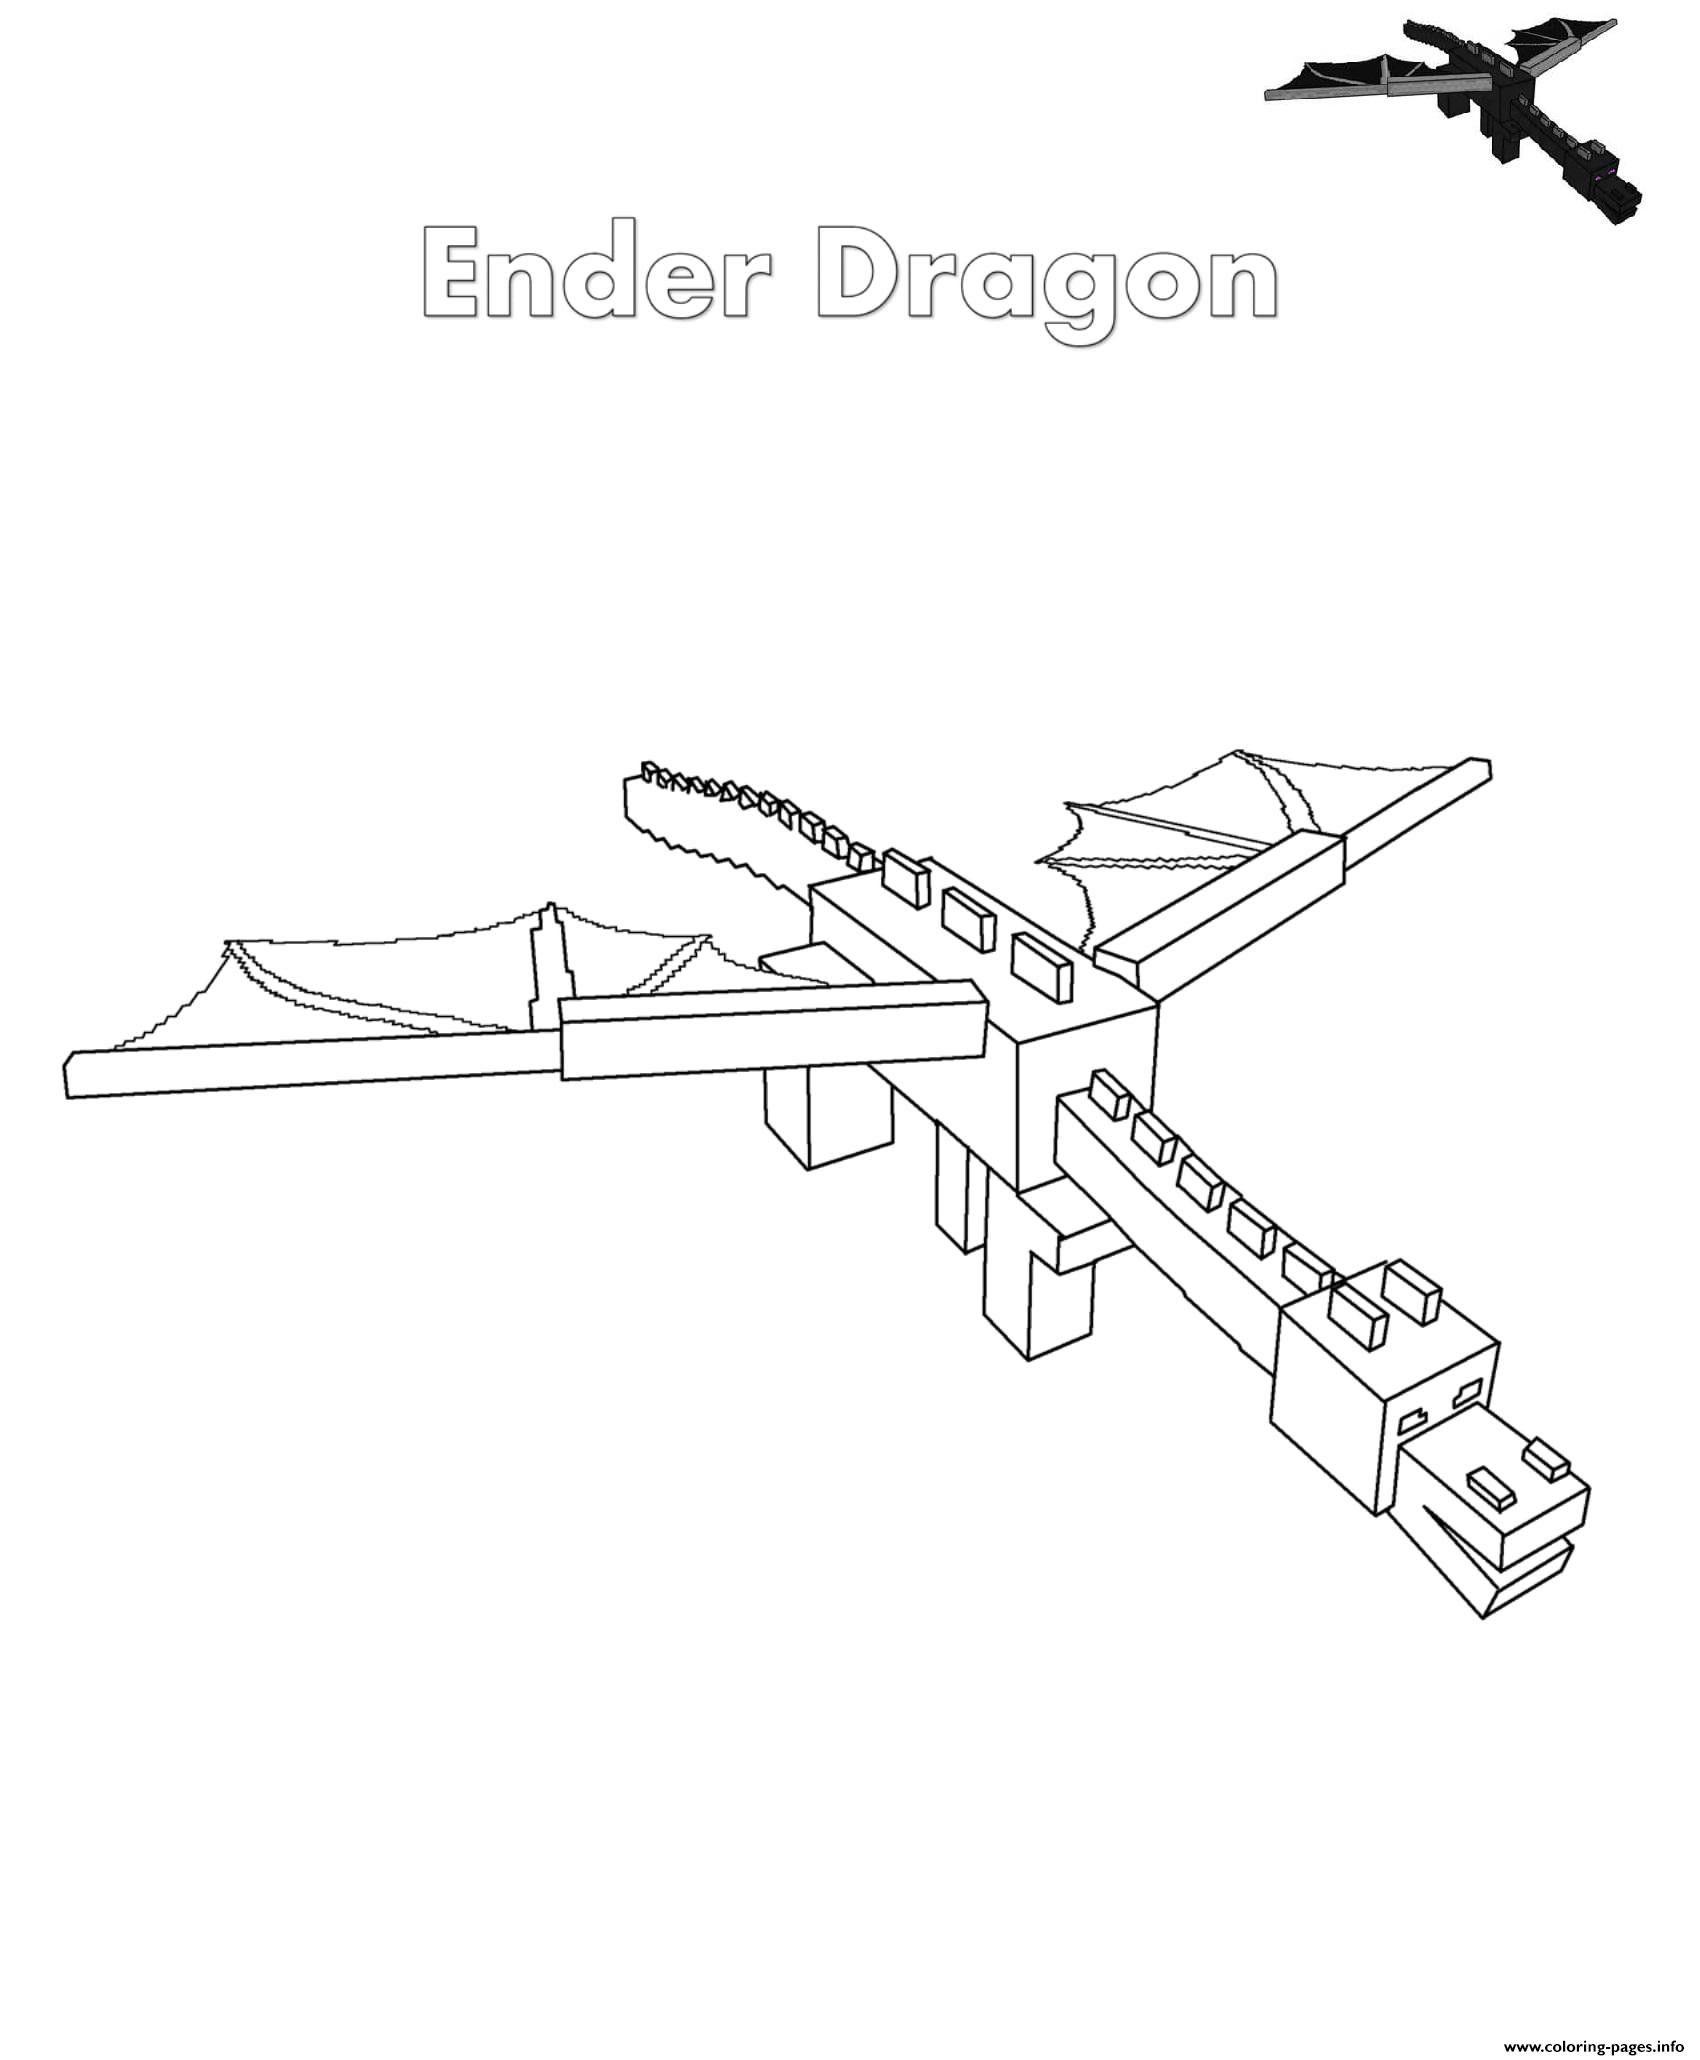 Ender Dragon Dragon Printable Minecraft Ender Dragon Minecraft Coloring Pages Novocom Top